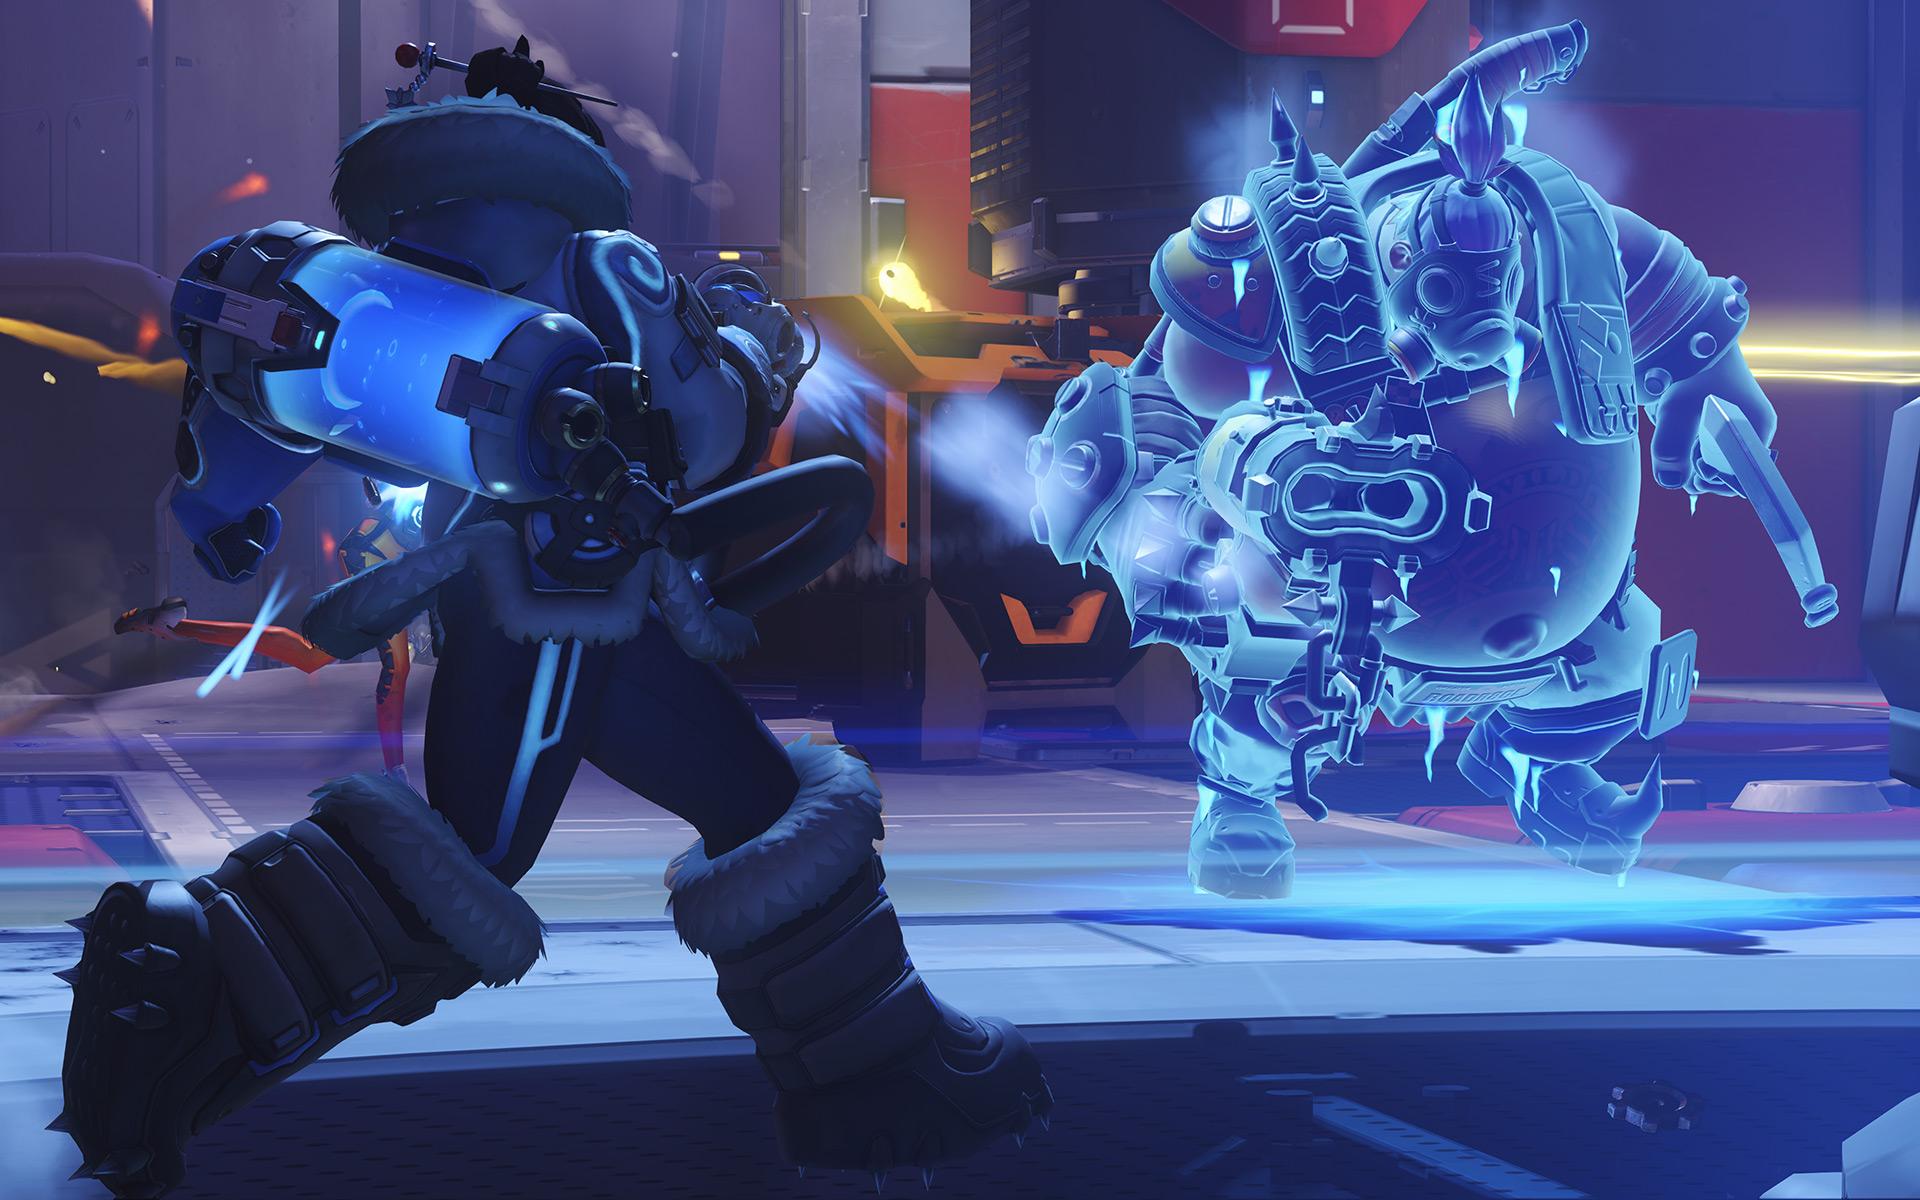 Mei ne pourra plus figer les ennemis avec son canon endothermique dans OW2